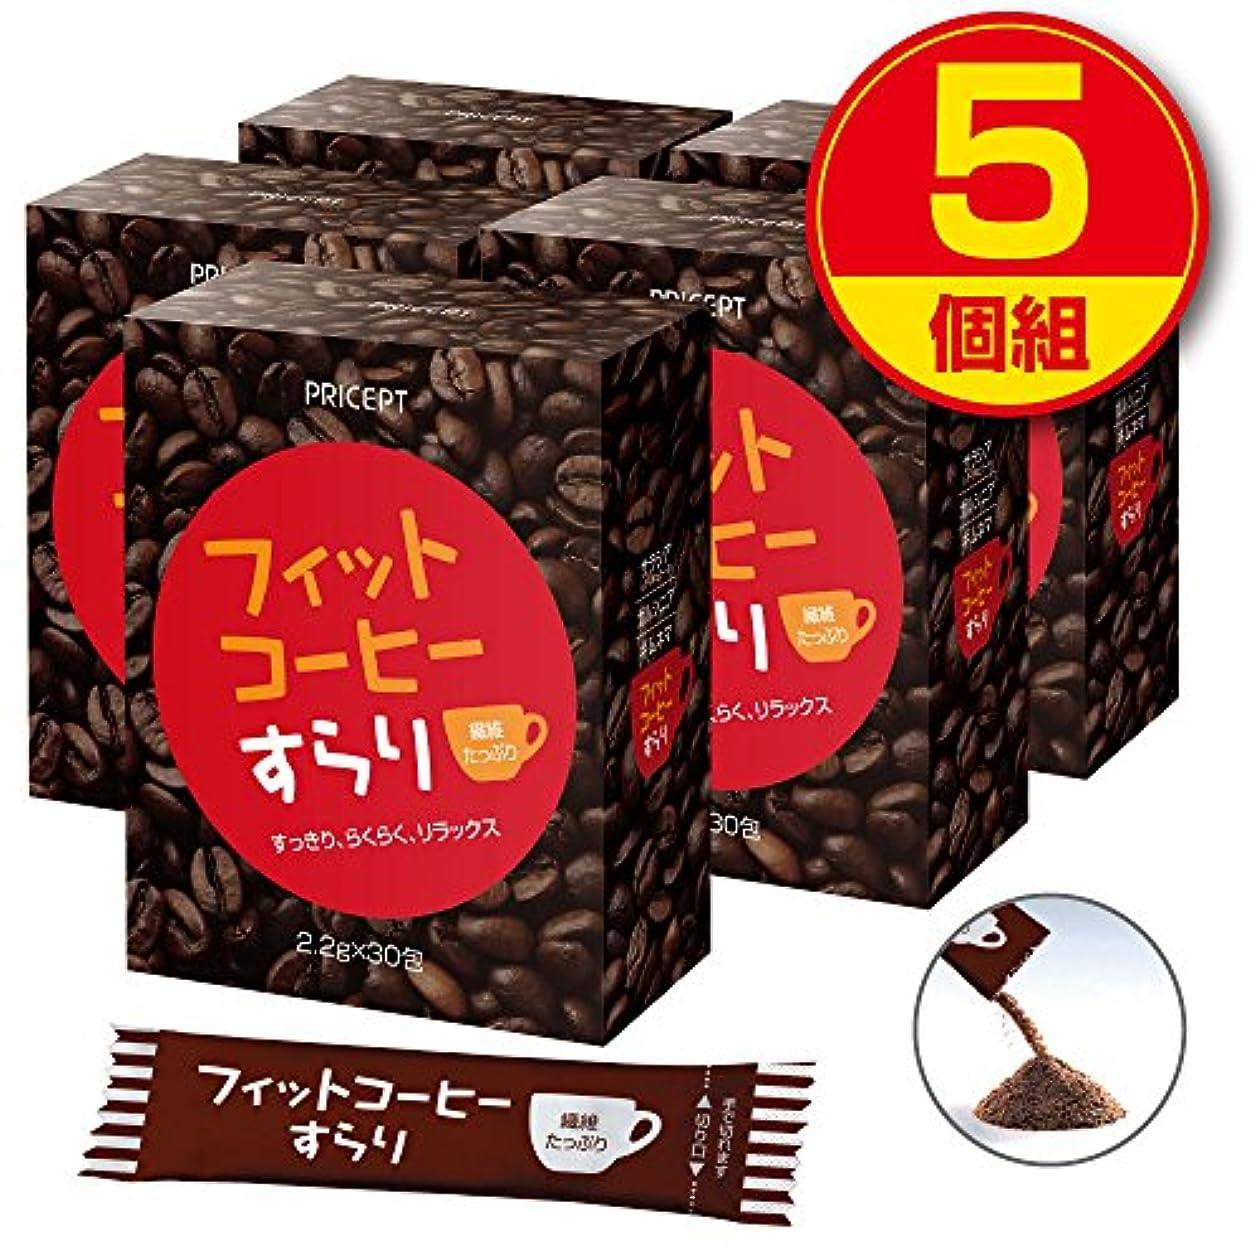 マインド荒らす構成プリセプト フィットコーヒーすらり 30包【5個組(150包)】(ダイエットサポートコーヒー)